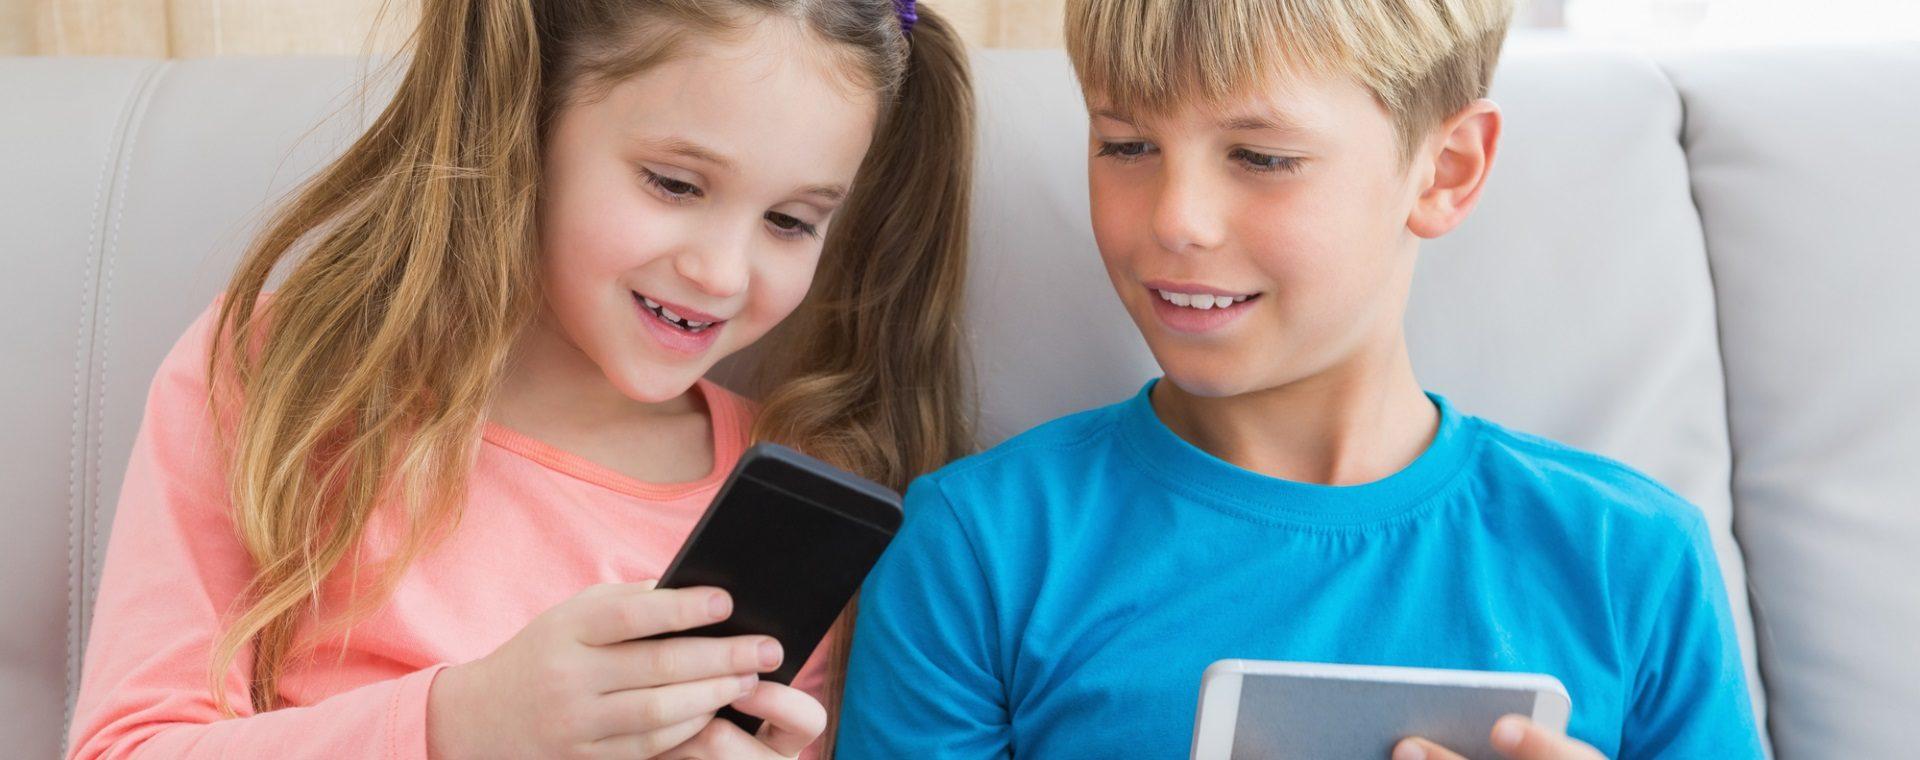 Apps für Kinder können bilden